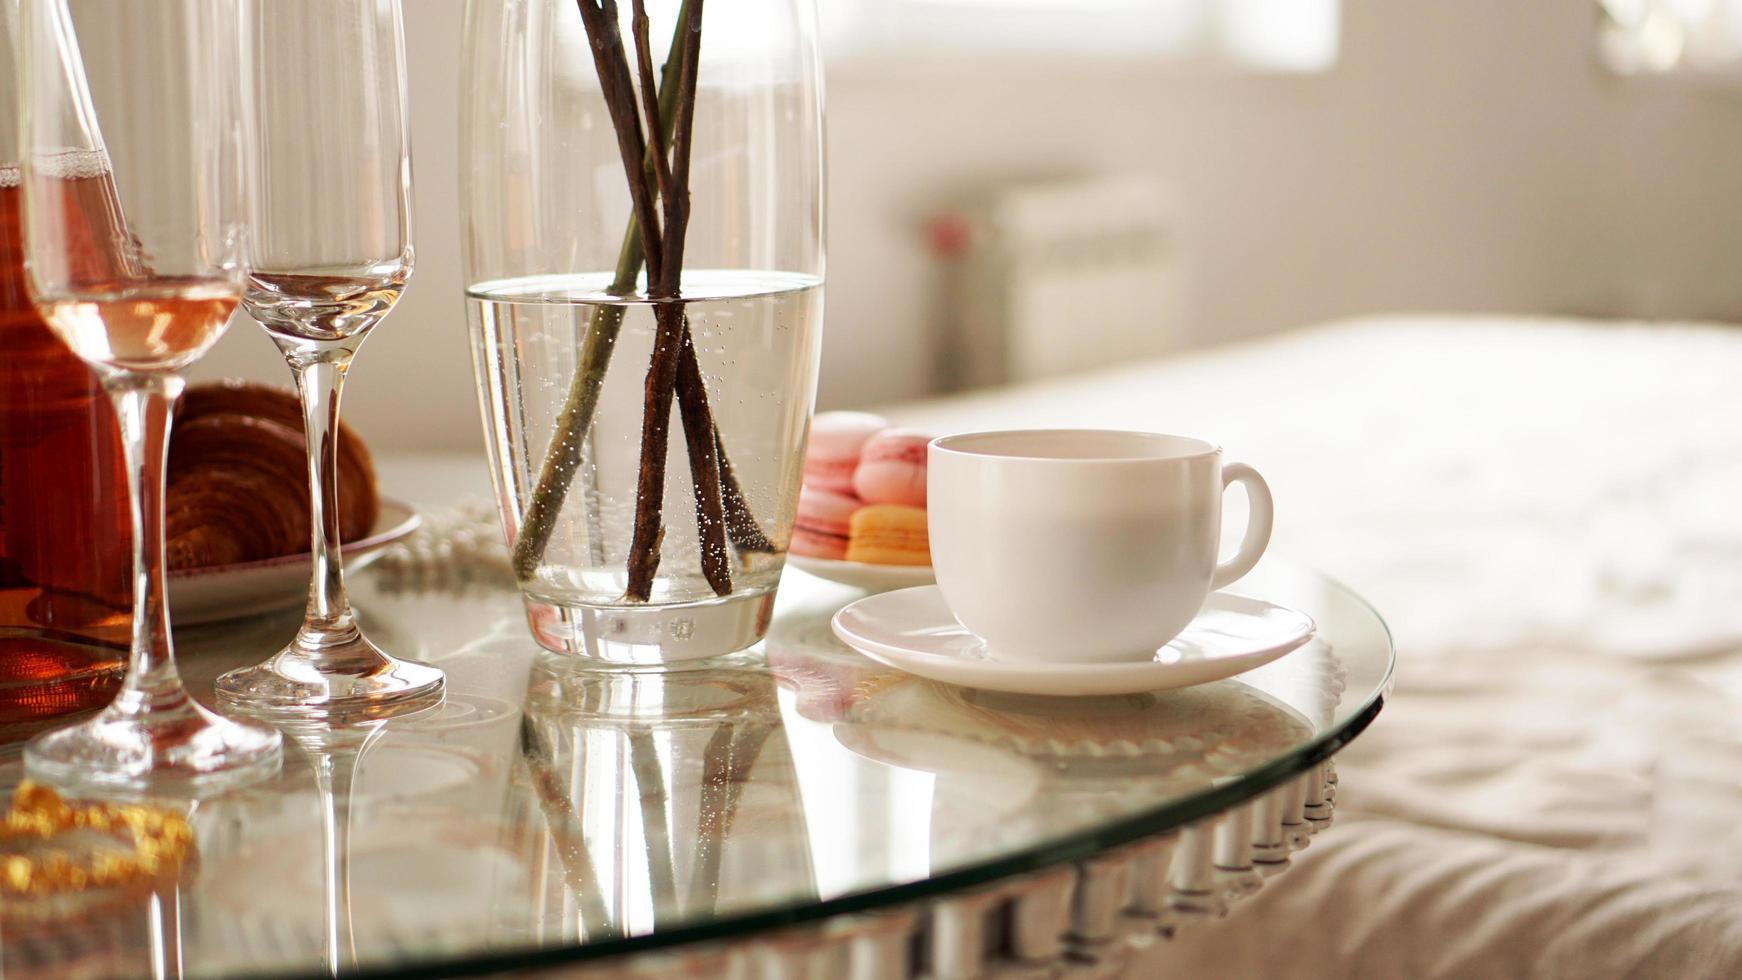 glazen tafel met een kopje koffie, zoete bitterkoekjes. foto